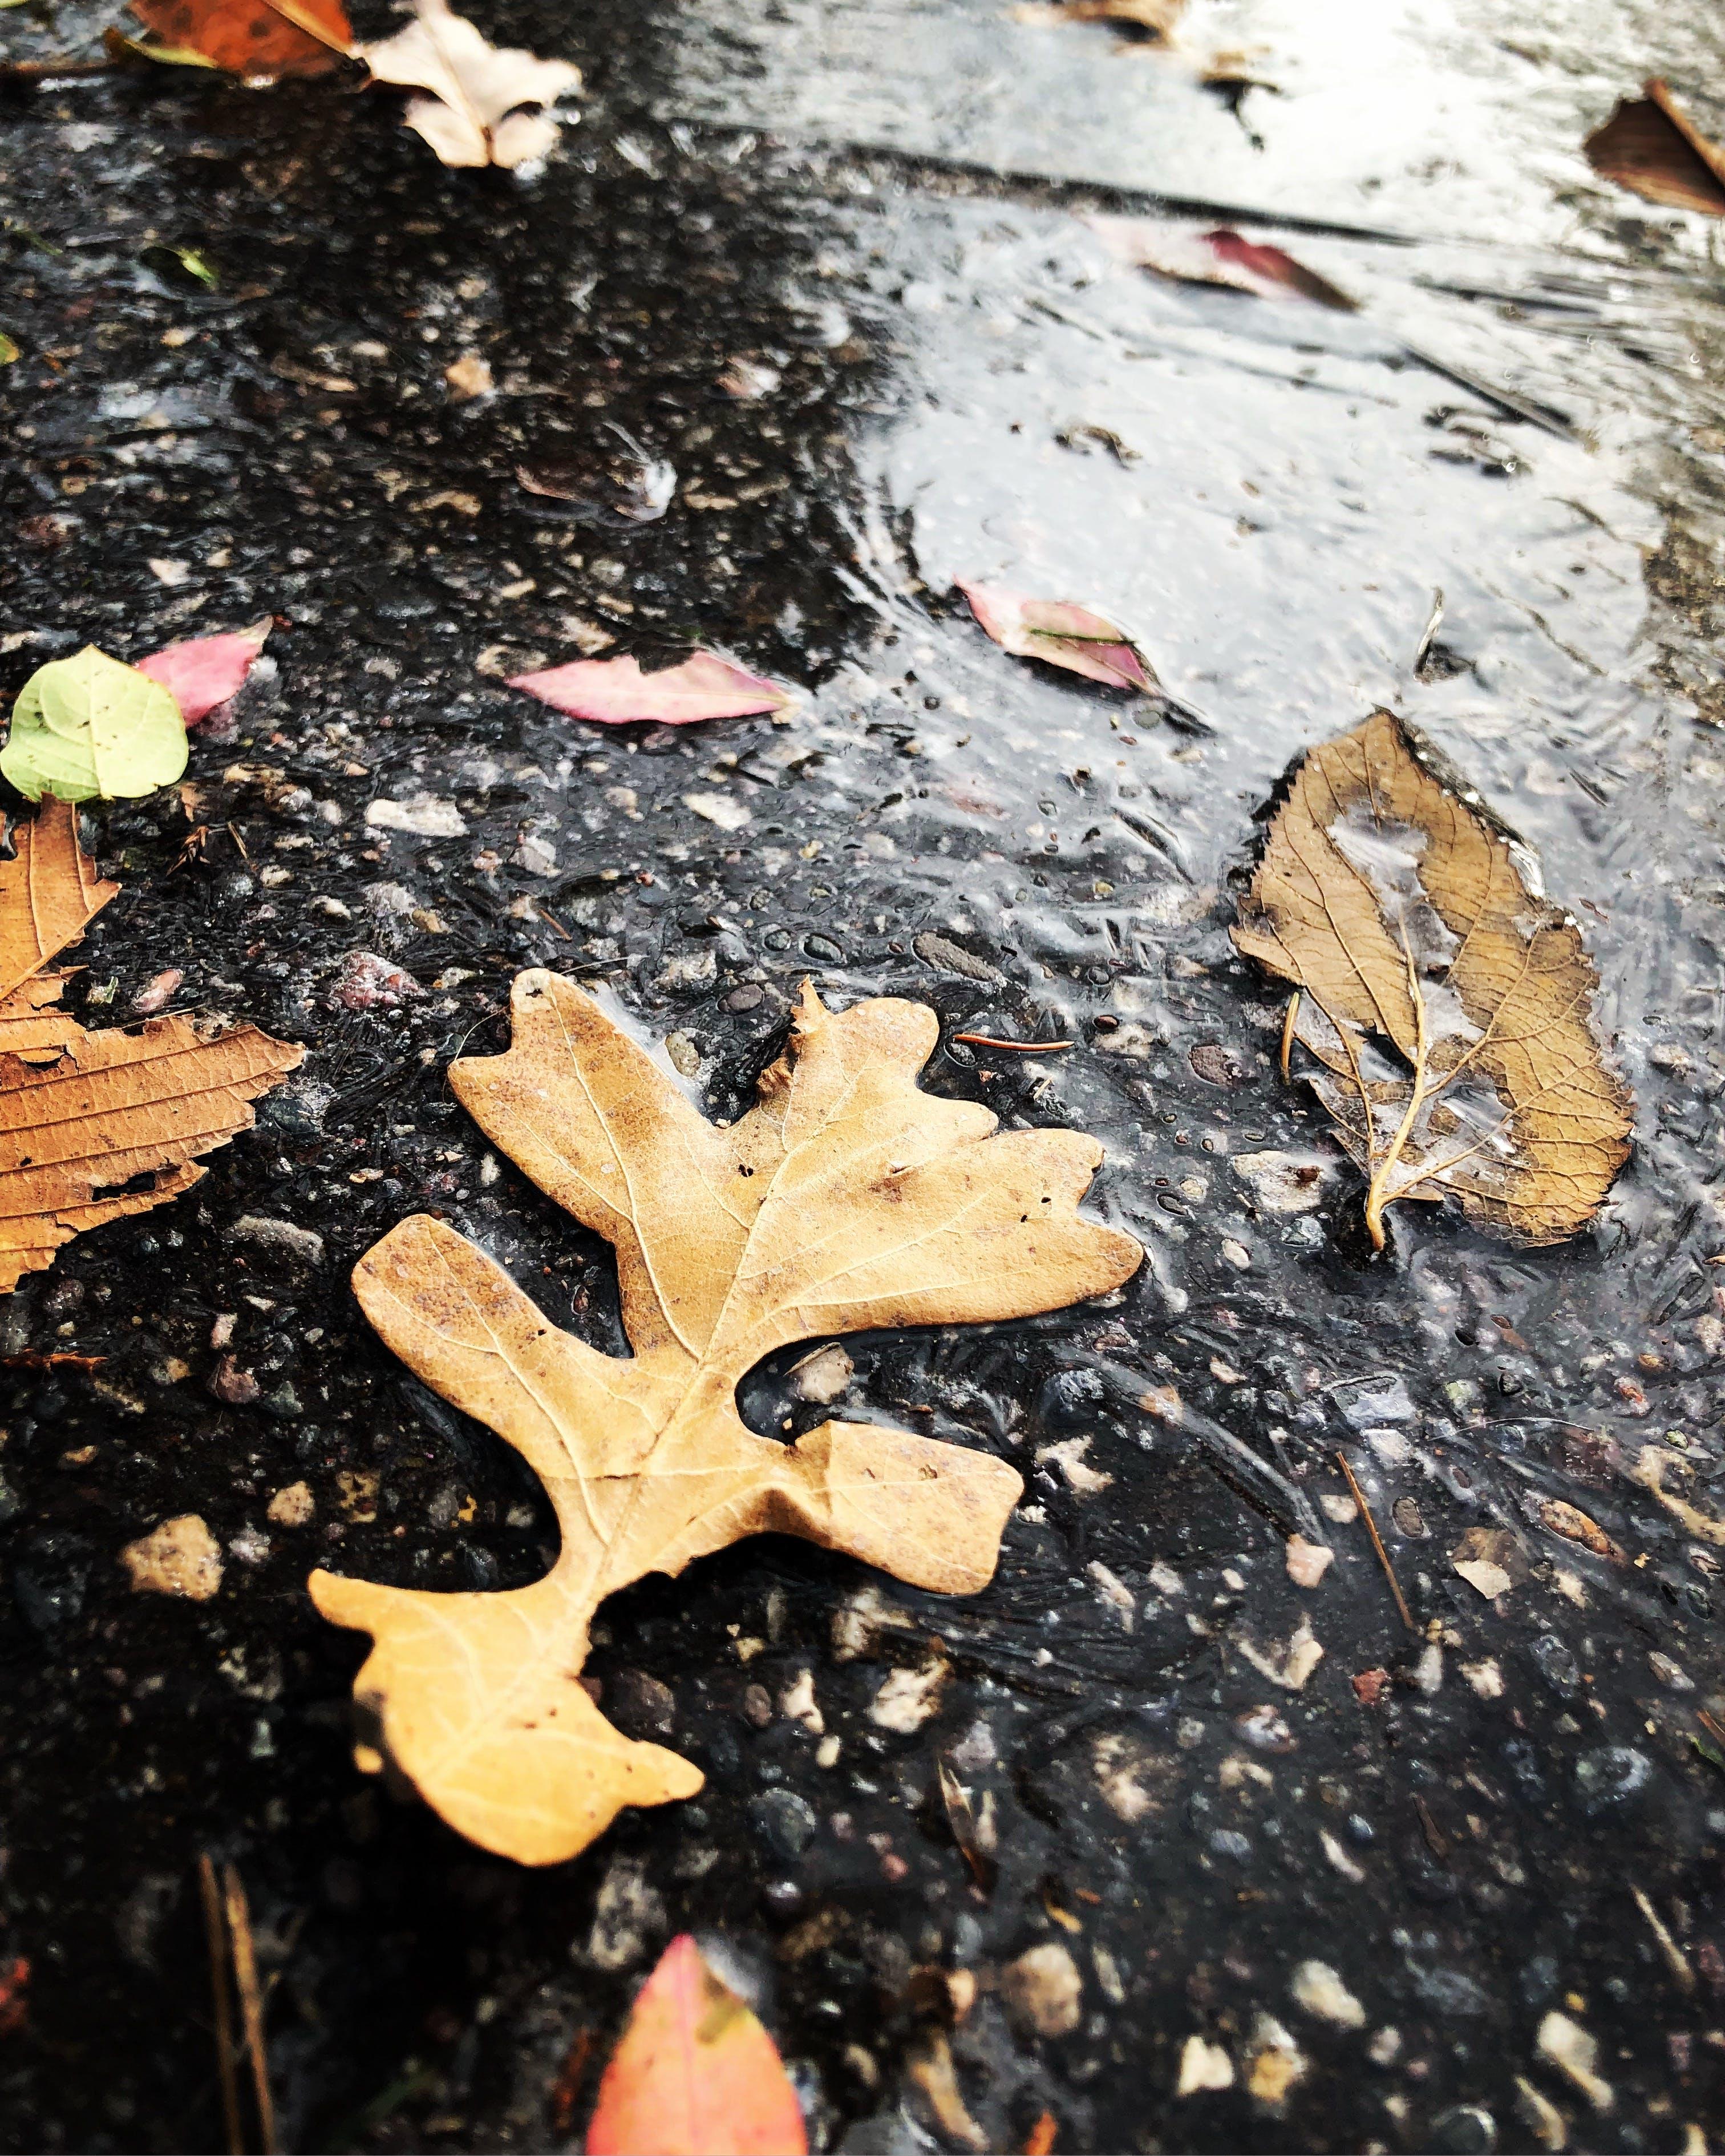 Kostnadsfri bild av jord, säsong, torra löv, våt